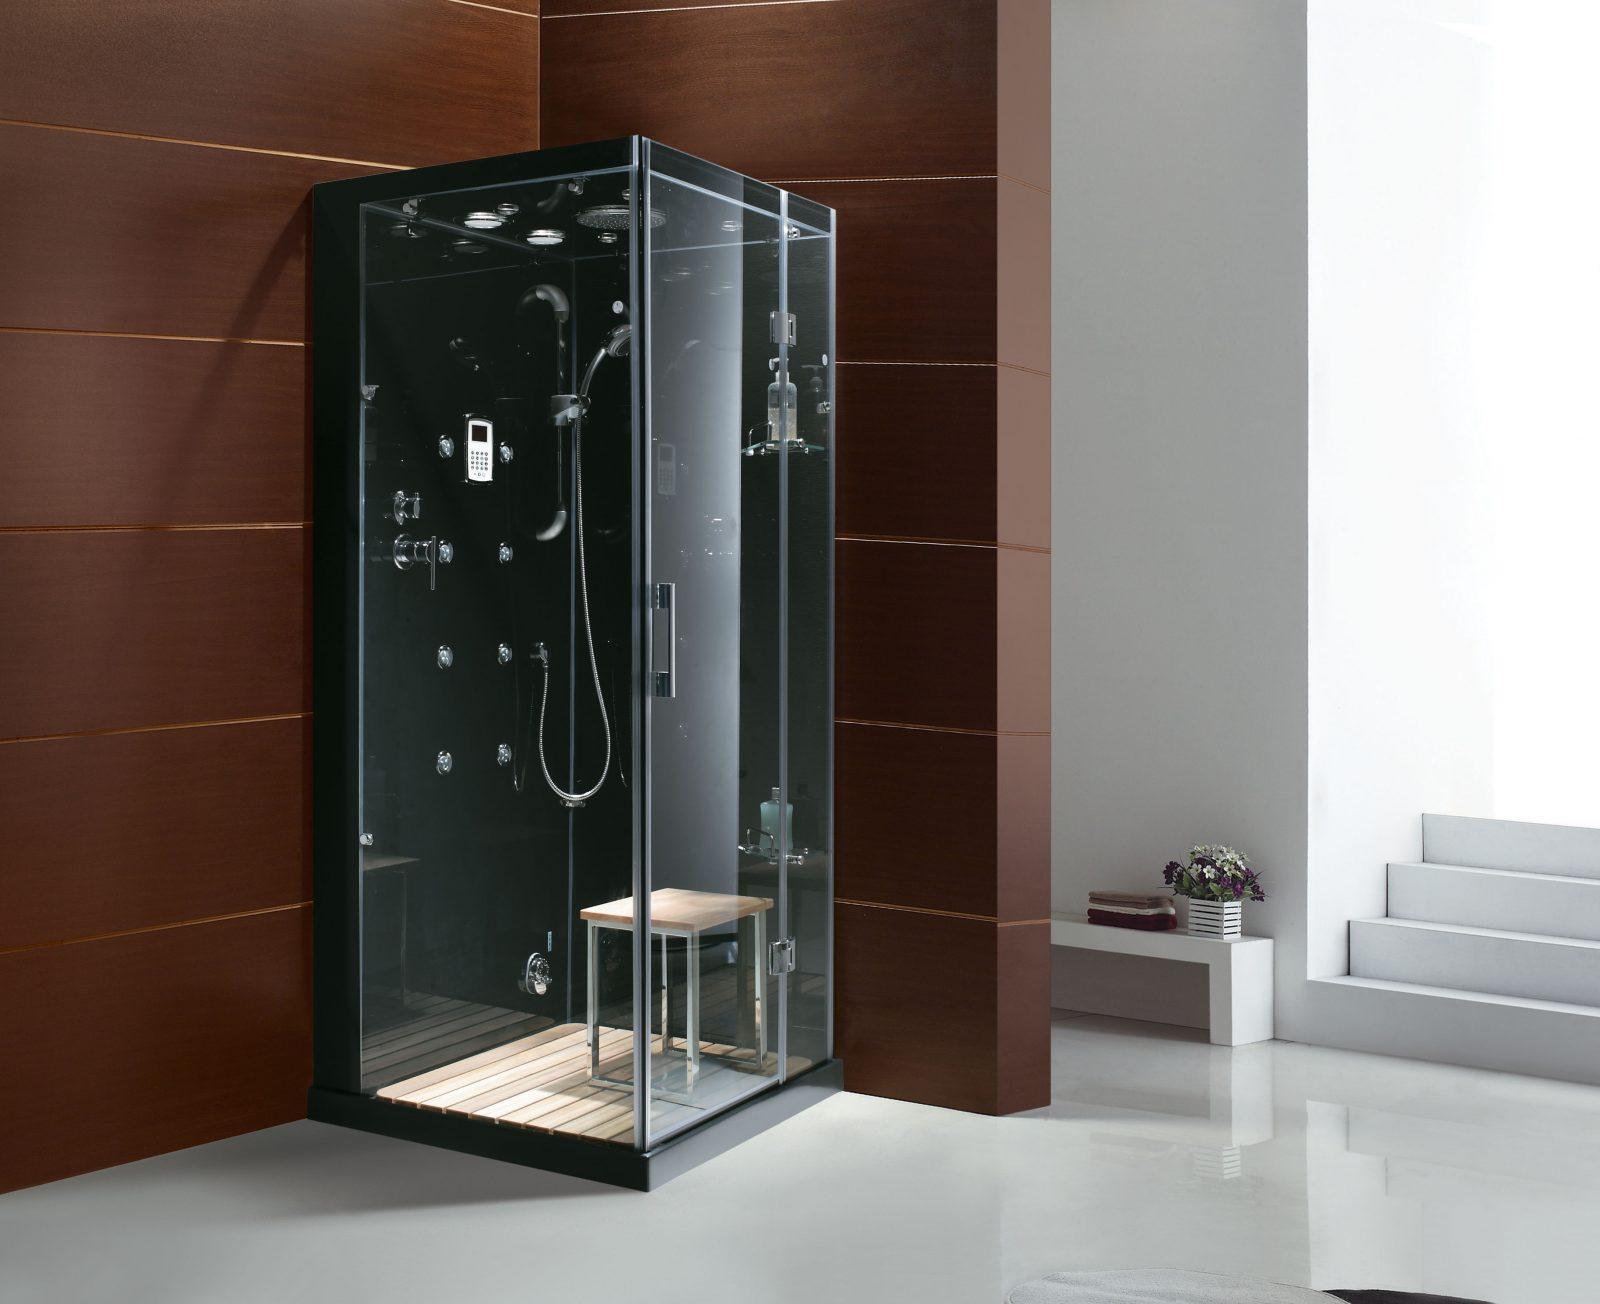 Jupiter Steam Showers – Buy Online at Homeward Bath